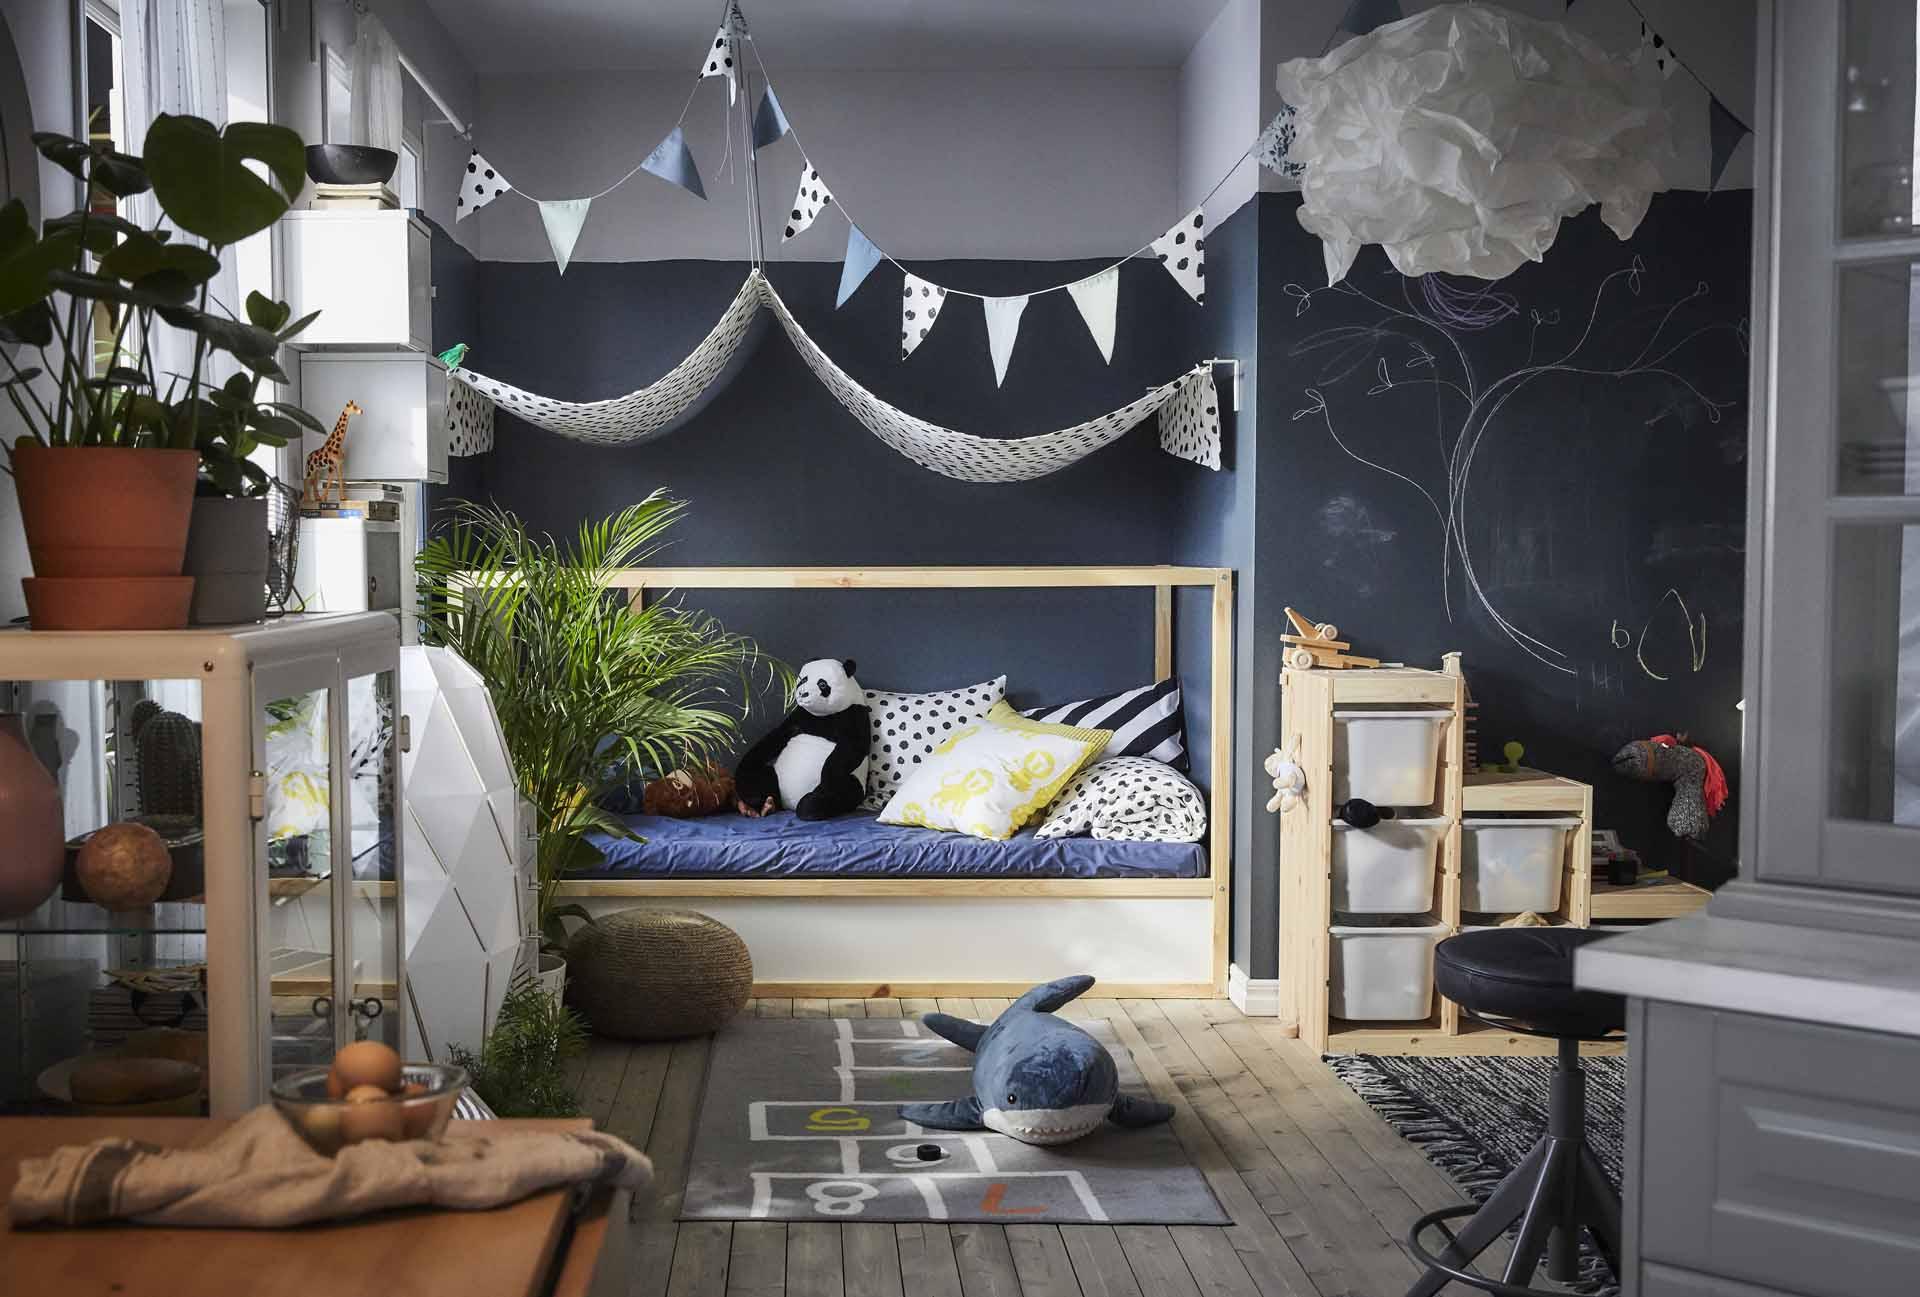 Choisir Le Lit Kura Ikea Pour Une Chambre D'Enfant serapportantà Rideaux Chambre Bébé Ikea